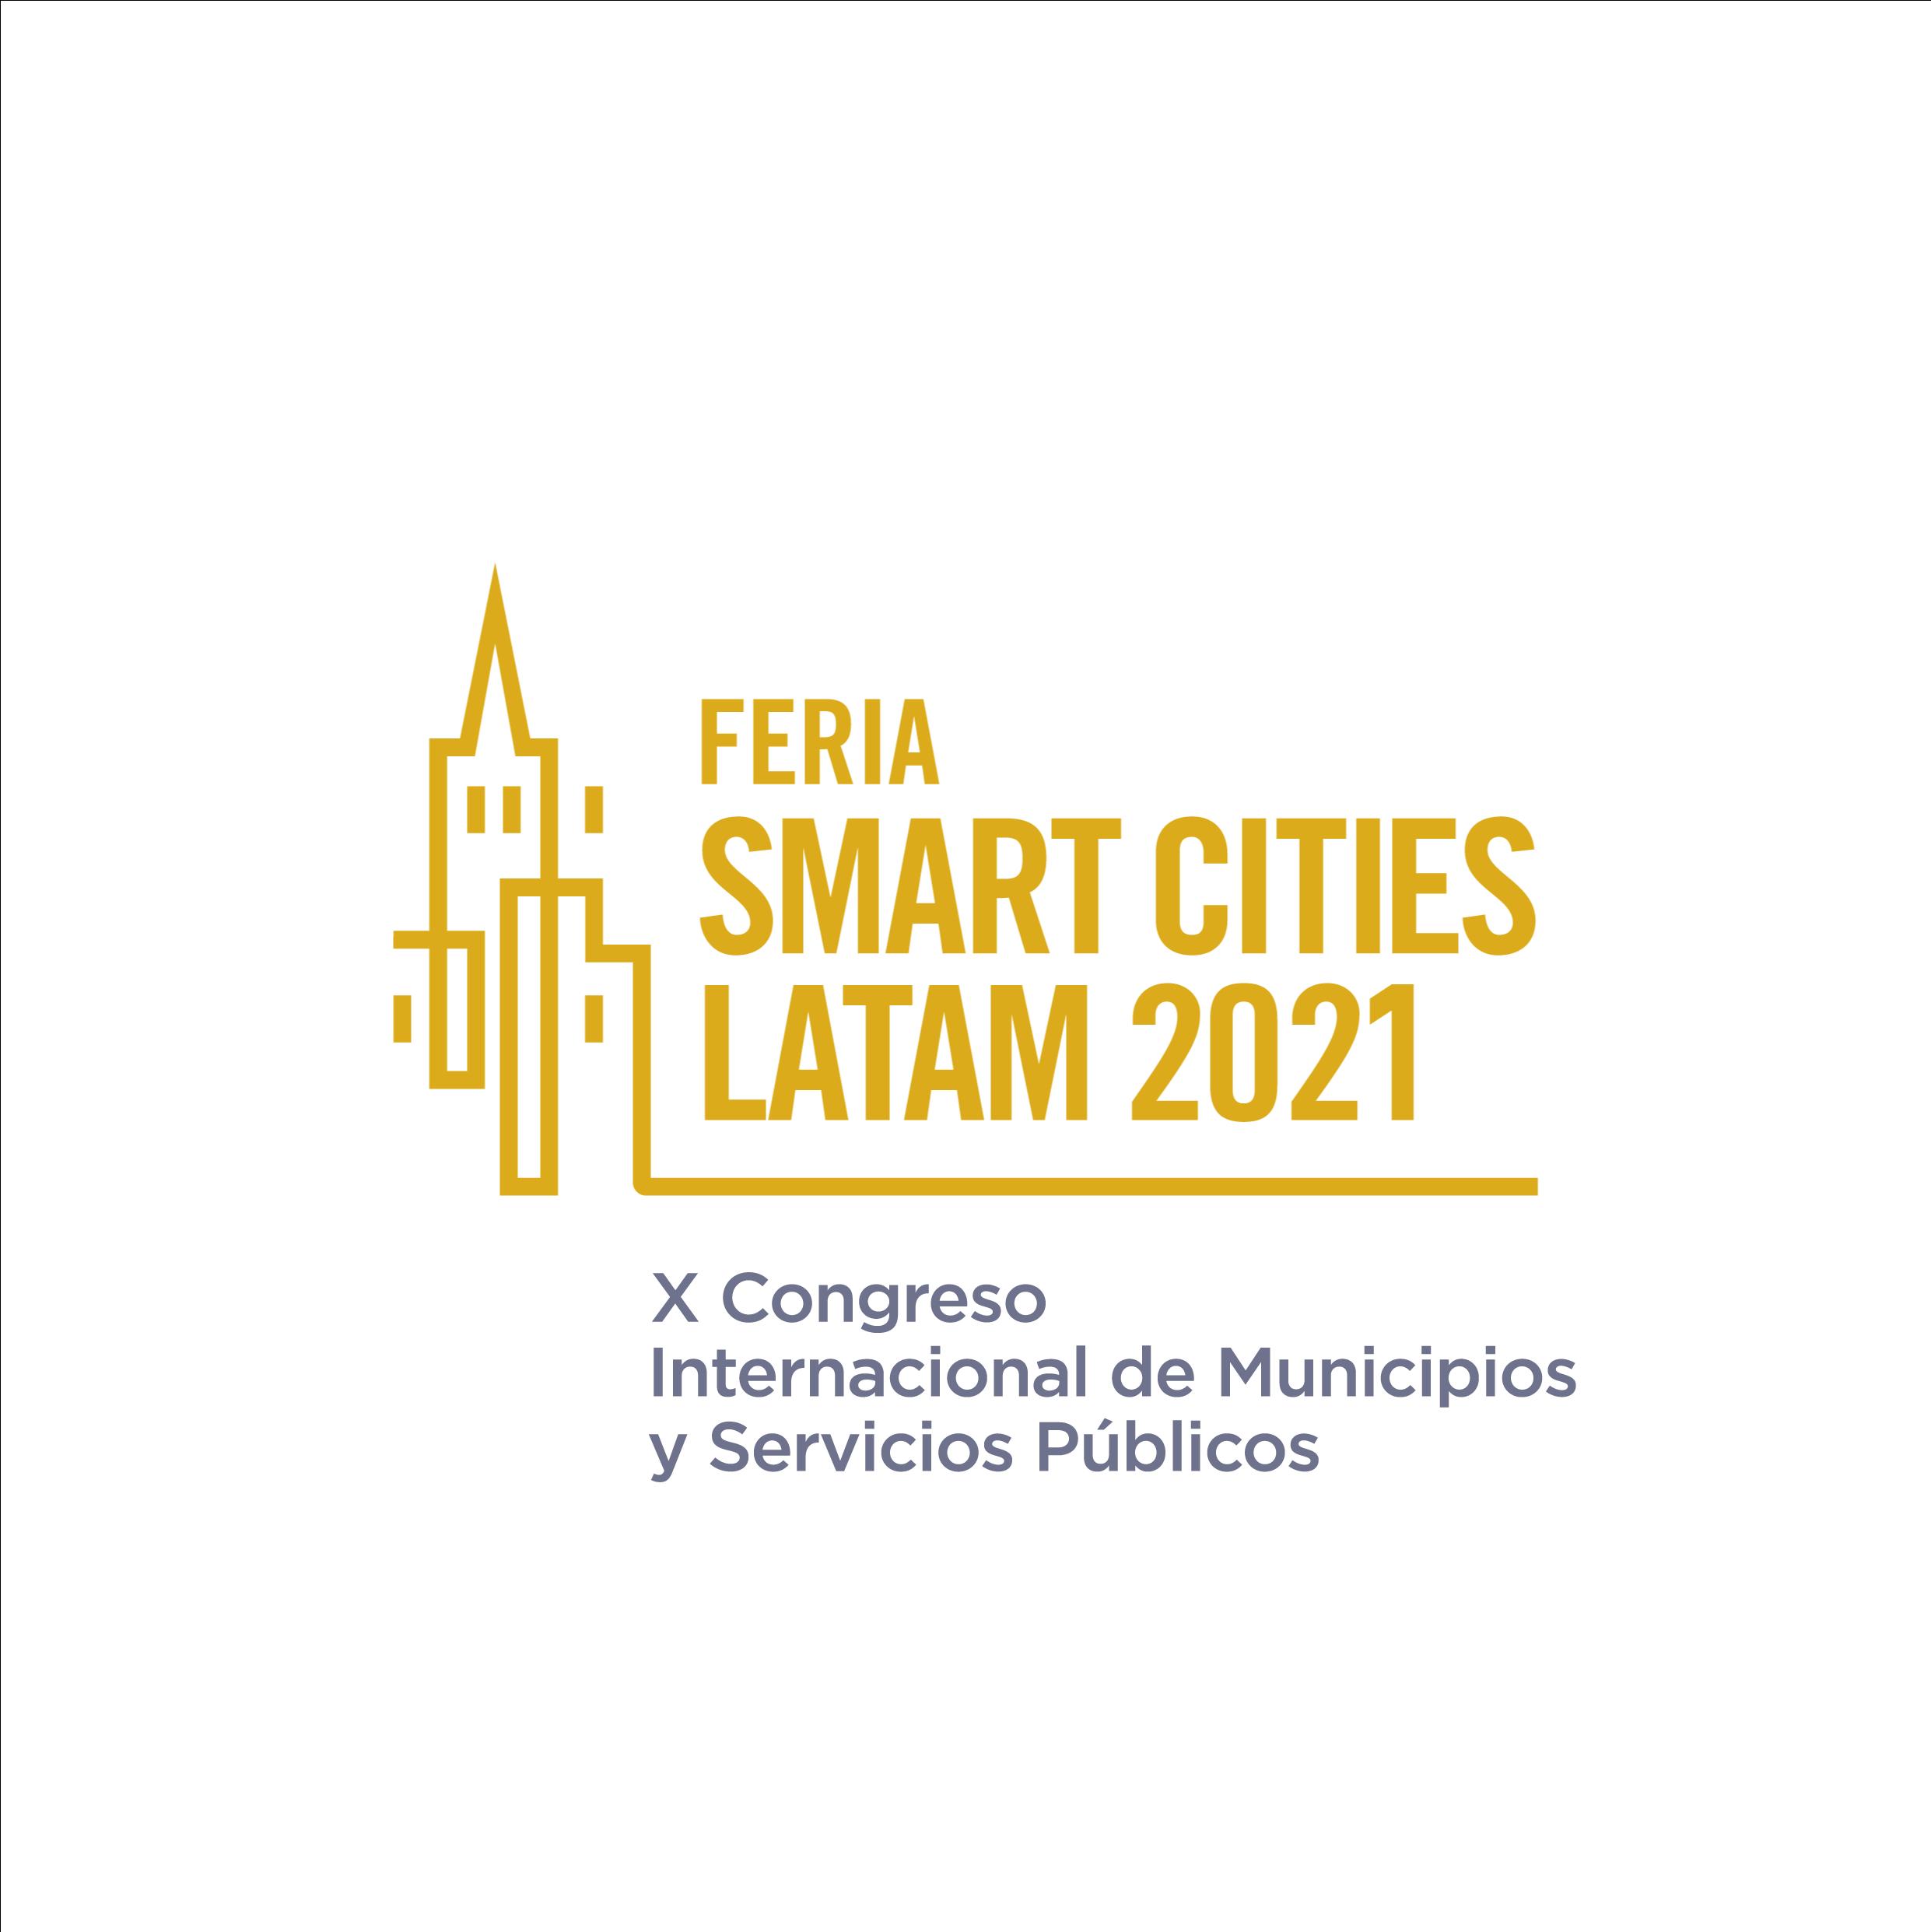 FERIA VIRTUAL SMART CITIES LATAM 2021